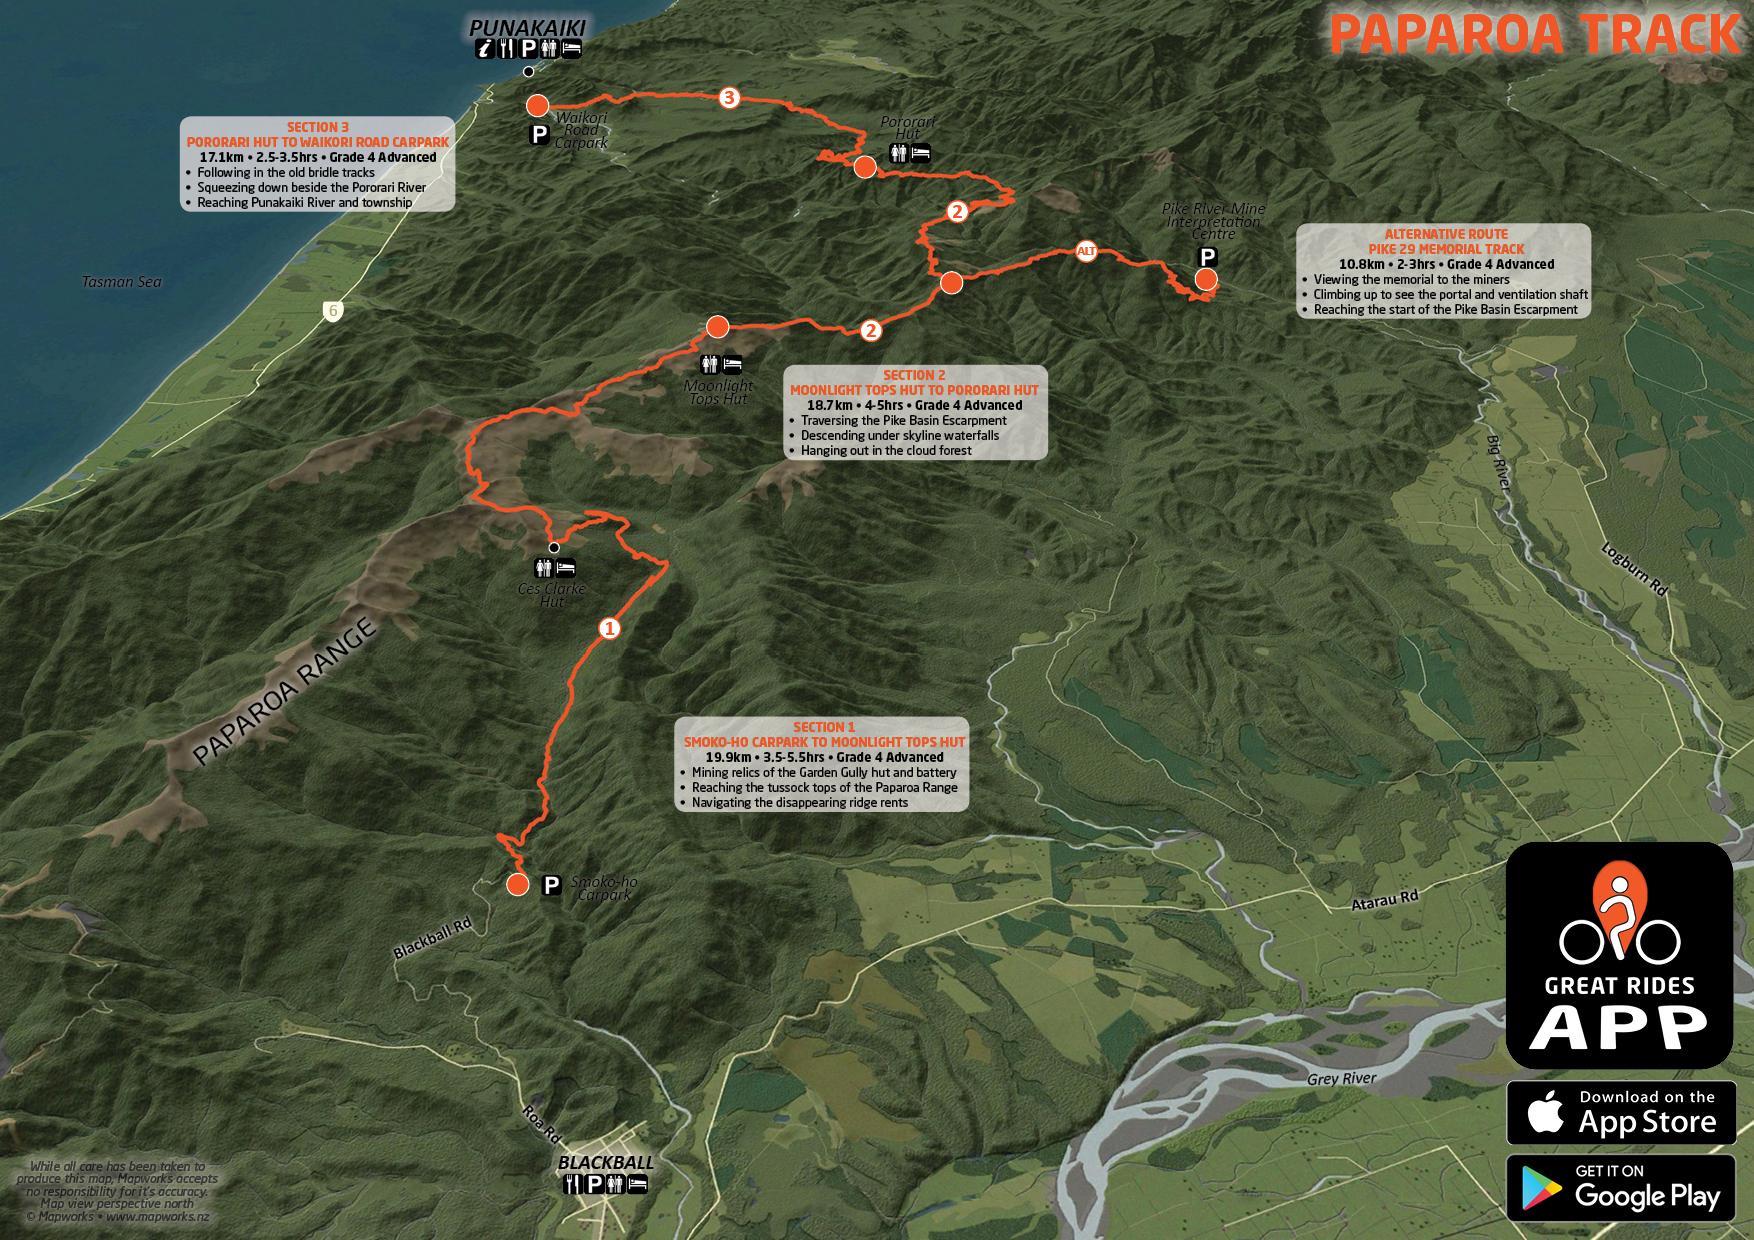 Paparoa Track Profile